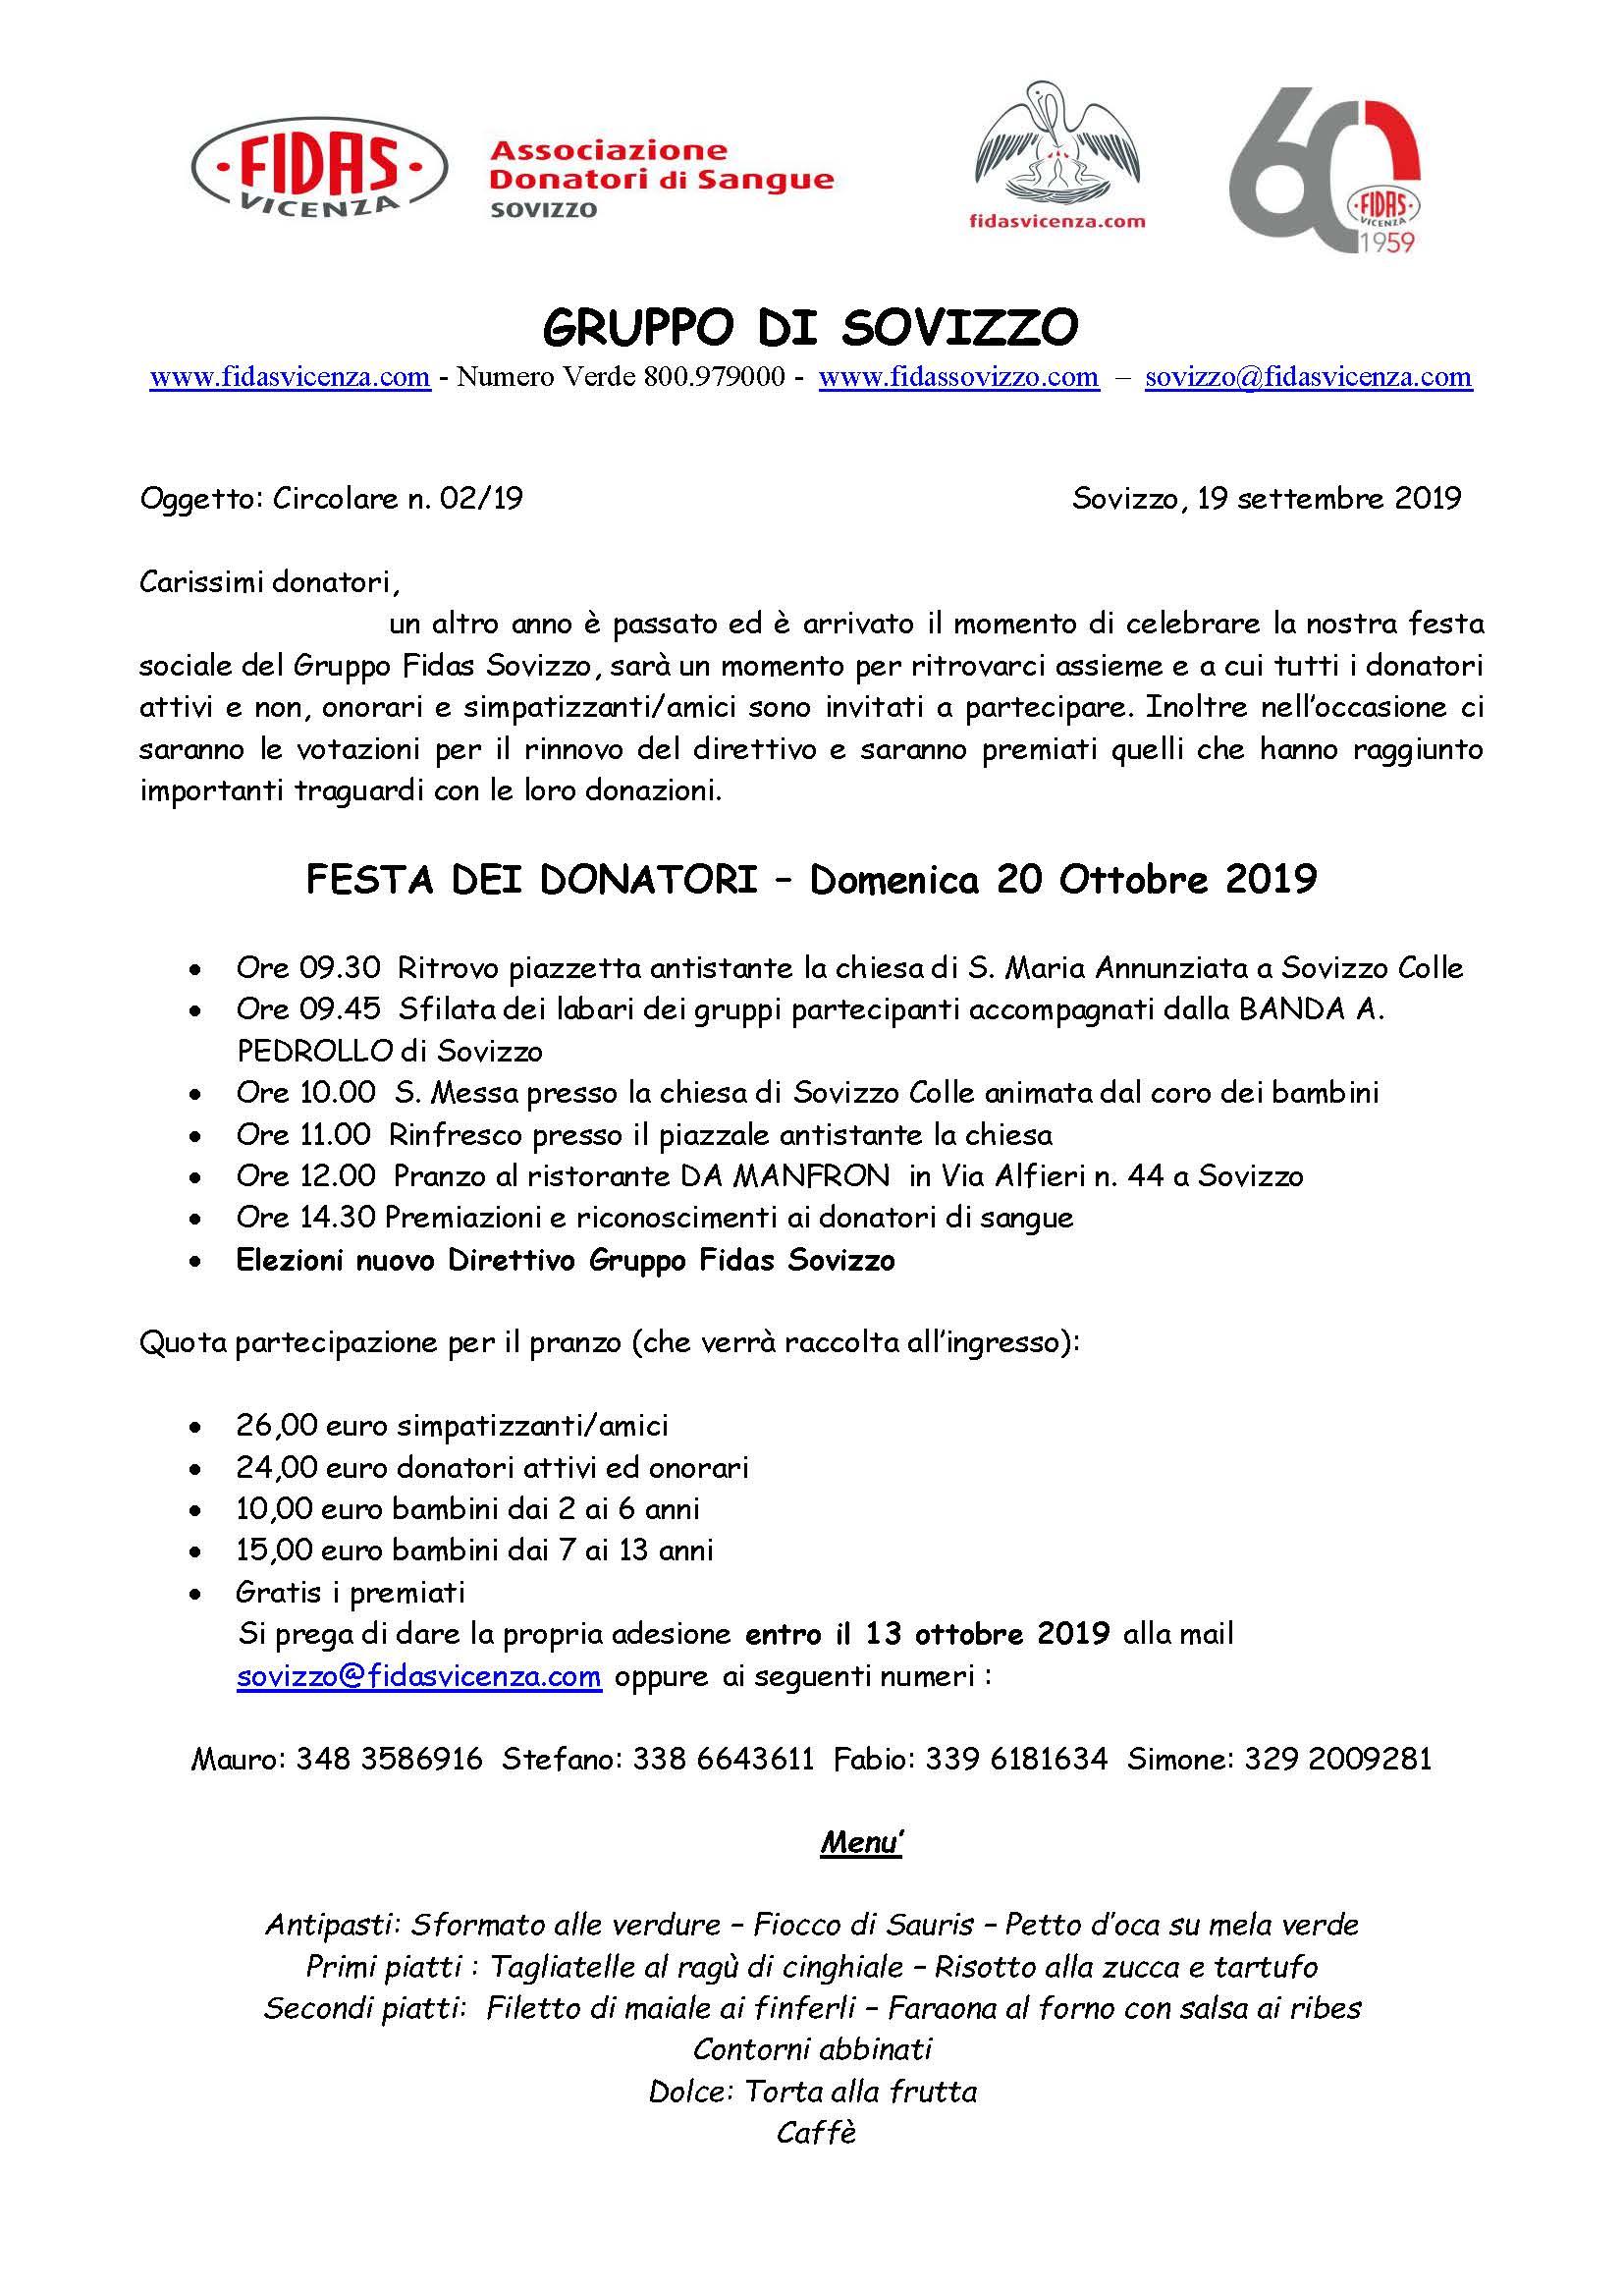 Circolare Festa Fidas Sovizzo_Pagina_1